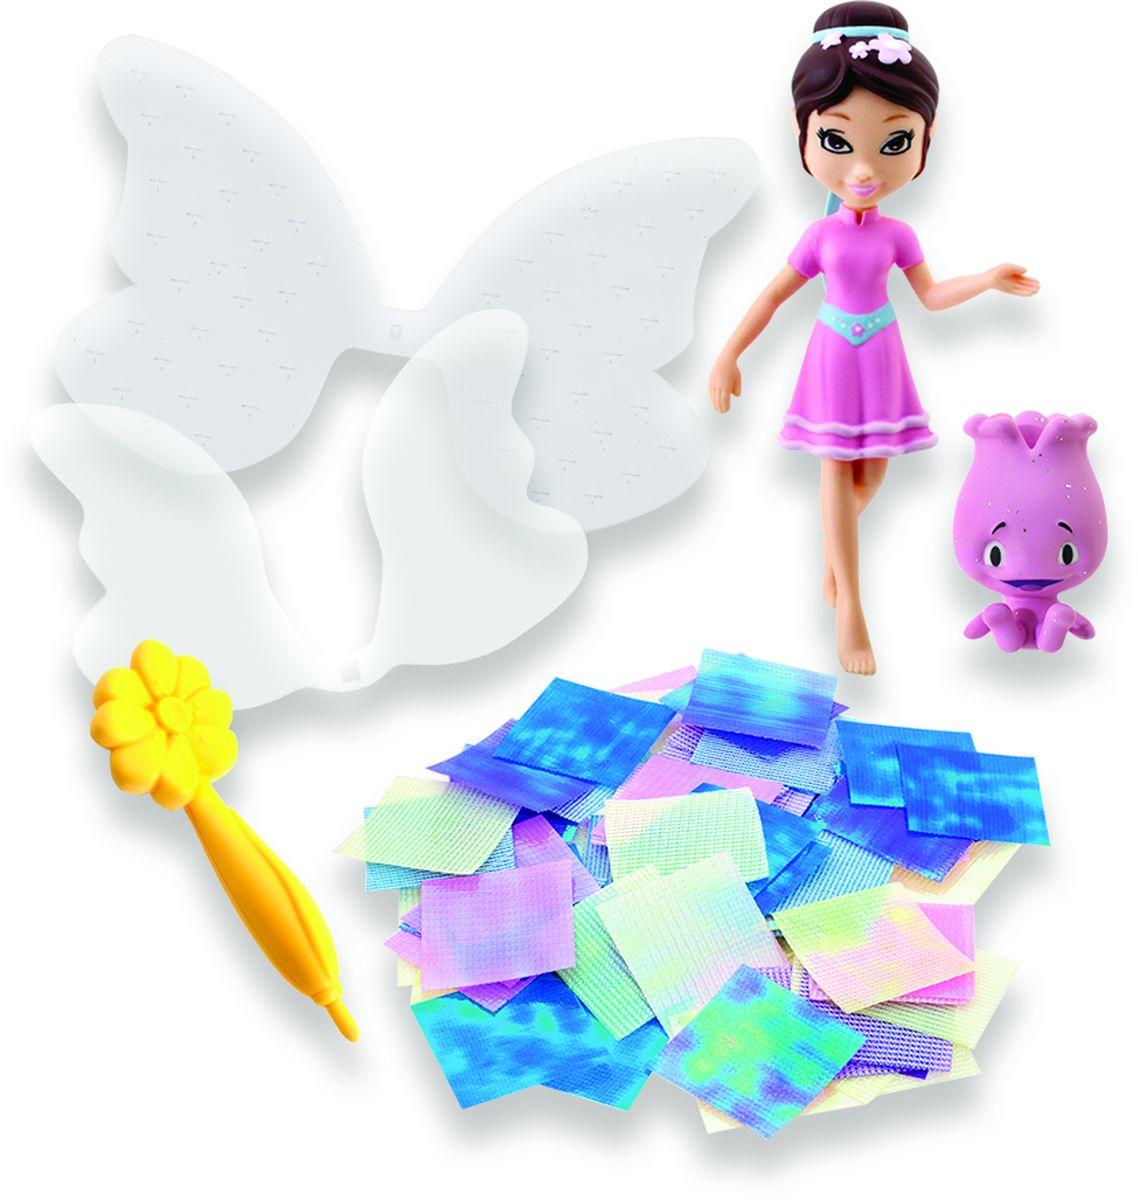 Shimmer Wing Игровой набор с мини-куклами Букетик и Тюльпан play doh игровой набор магазинчик домашних питомцев